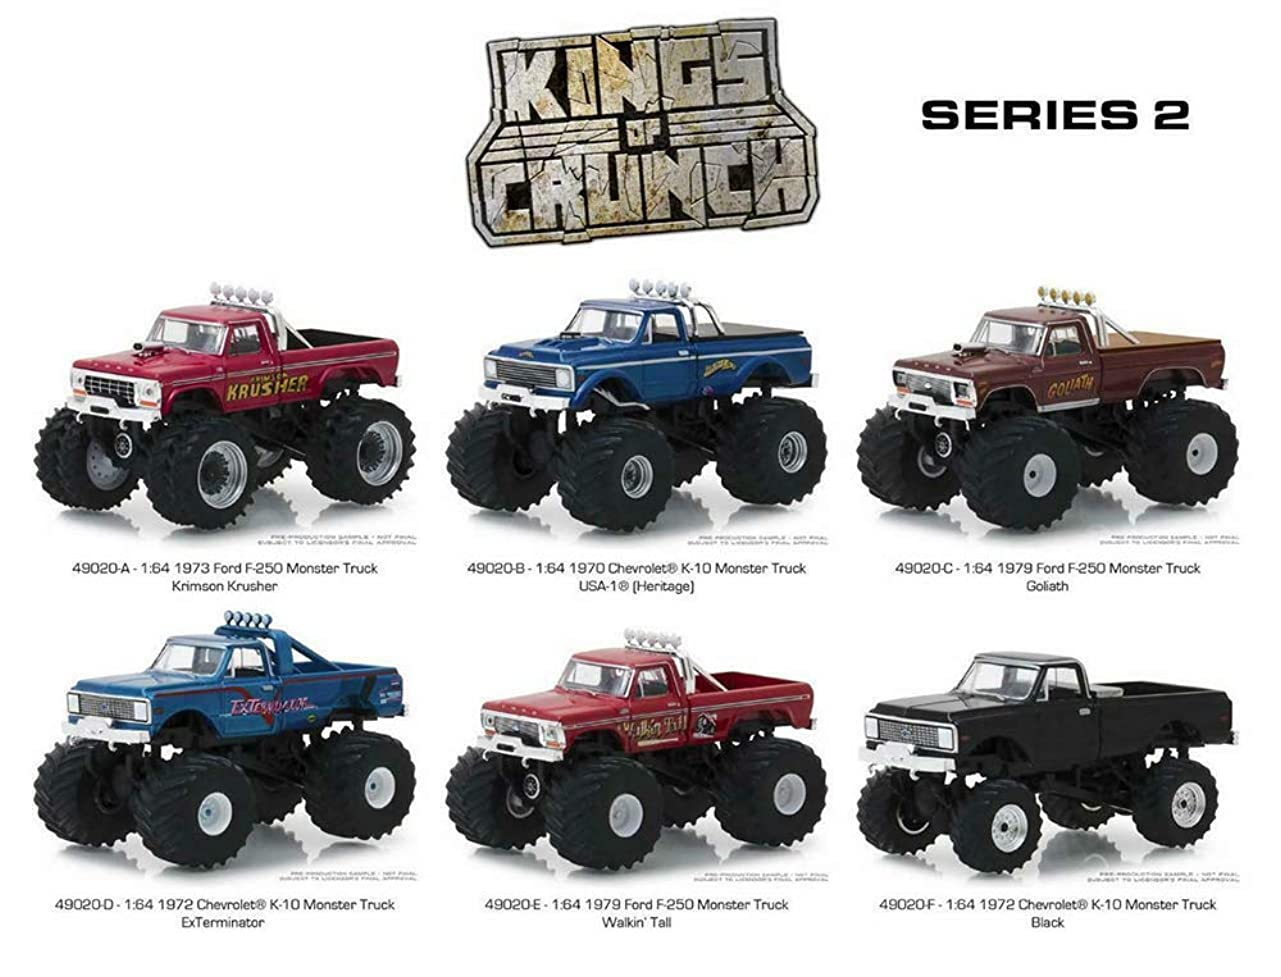 覚醒皿許容Greenlight 1/64 Kings of Crunch Series 2 (49020) - Includes All 6 Die-Cast Monster Trucks